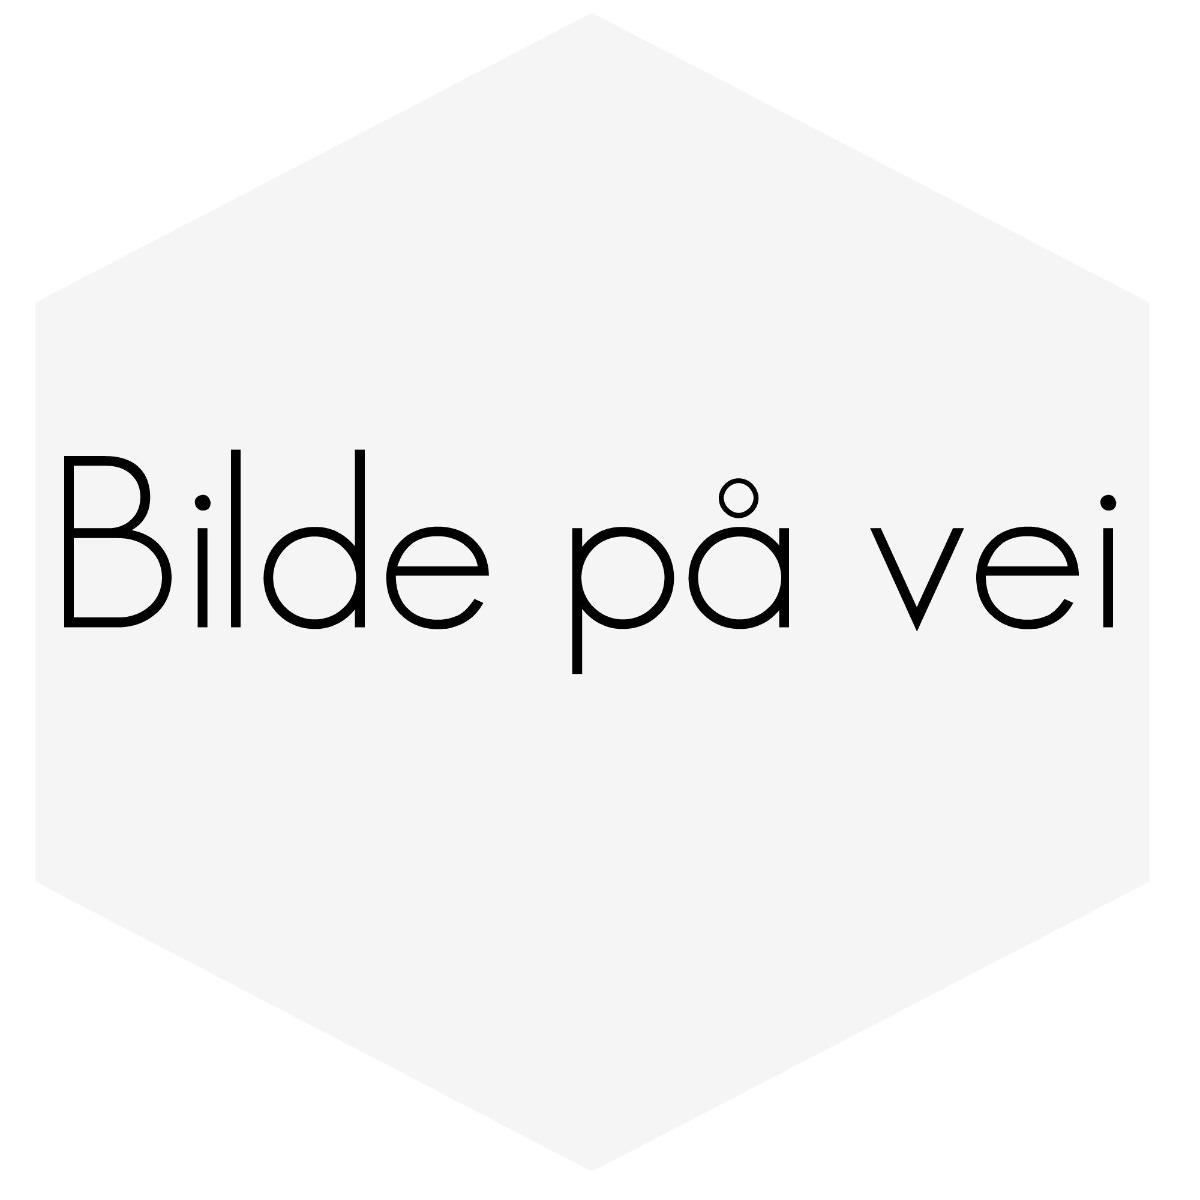 BREMSESKJOLD FORAN VOLVO 240 MED ABS BREMS HØYRE SIDE